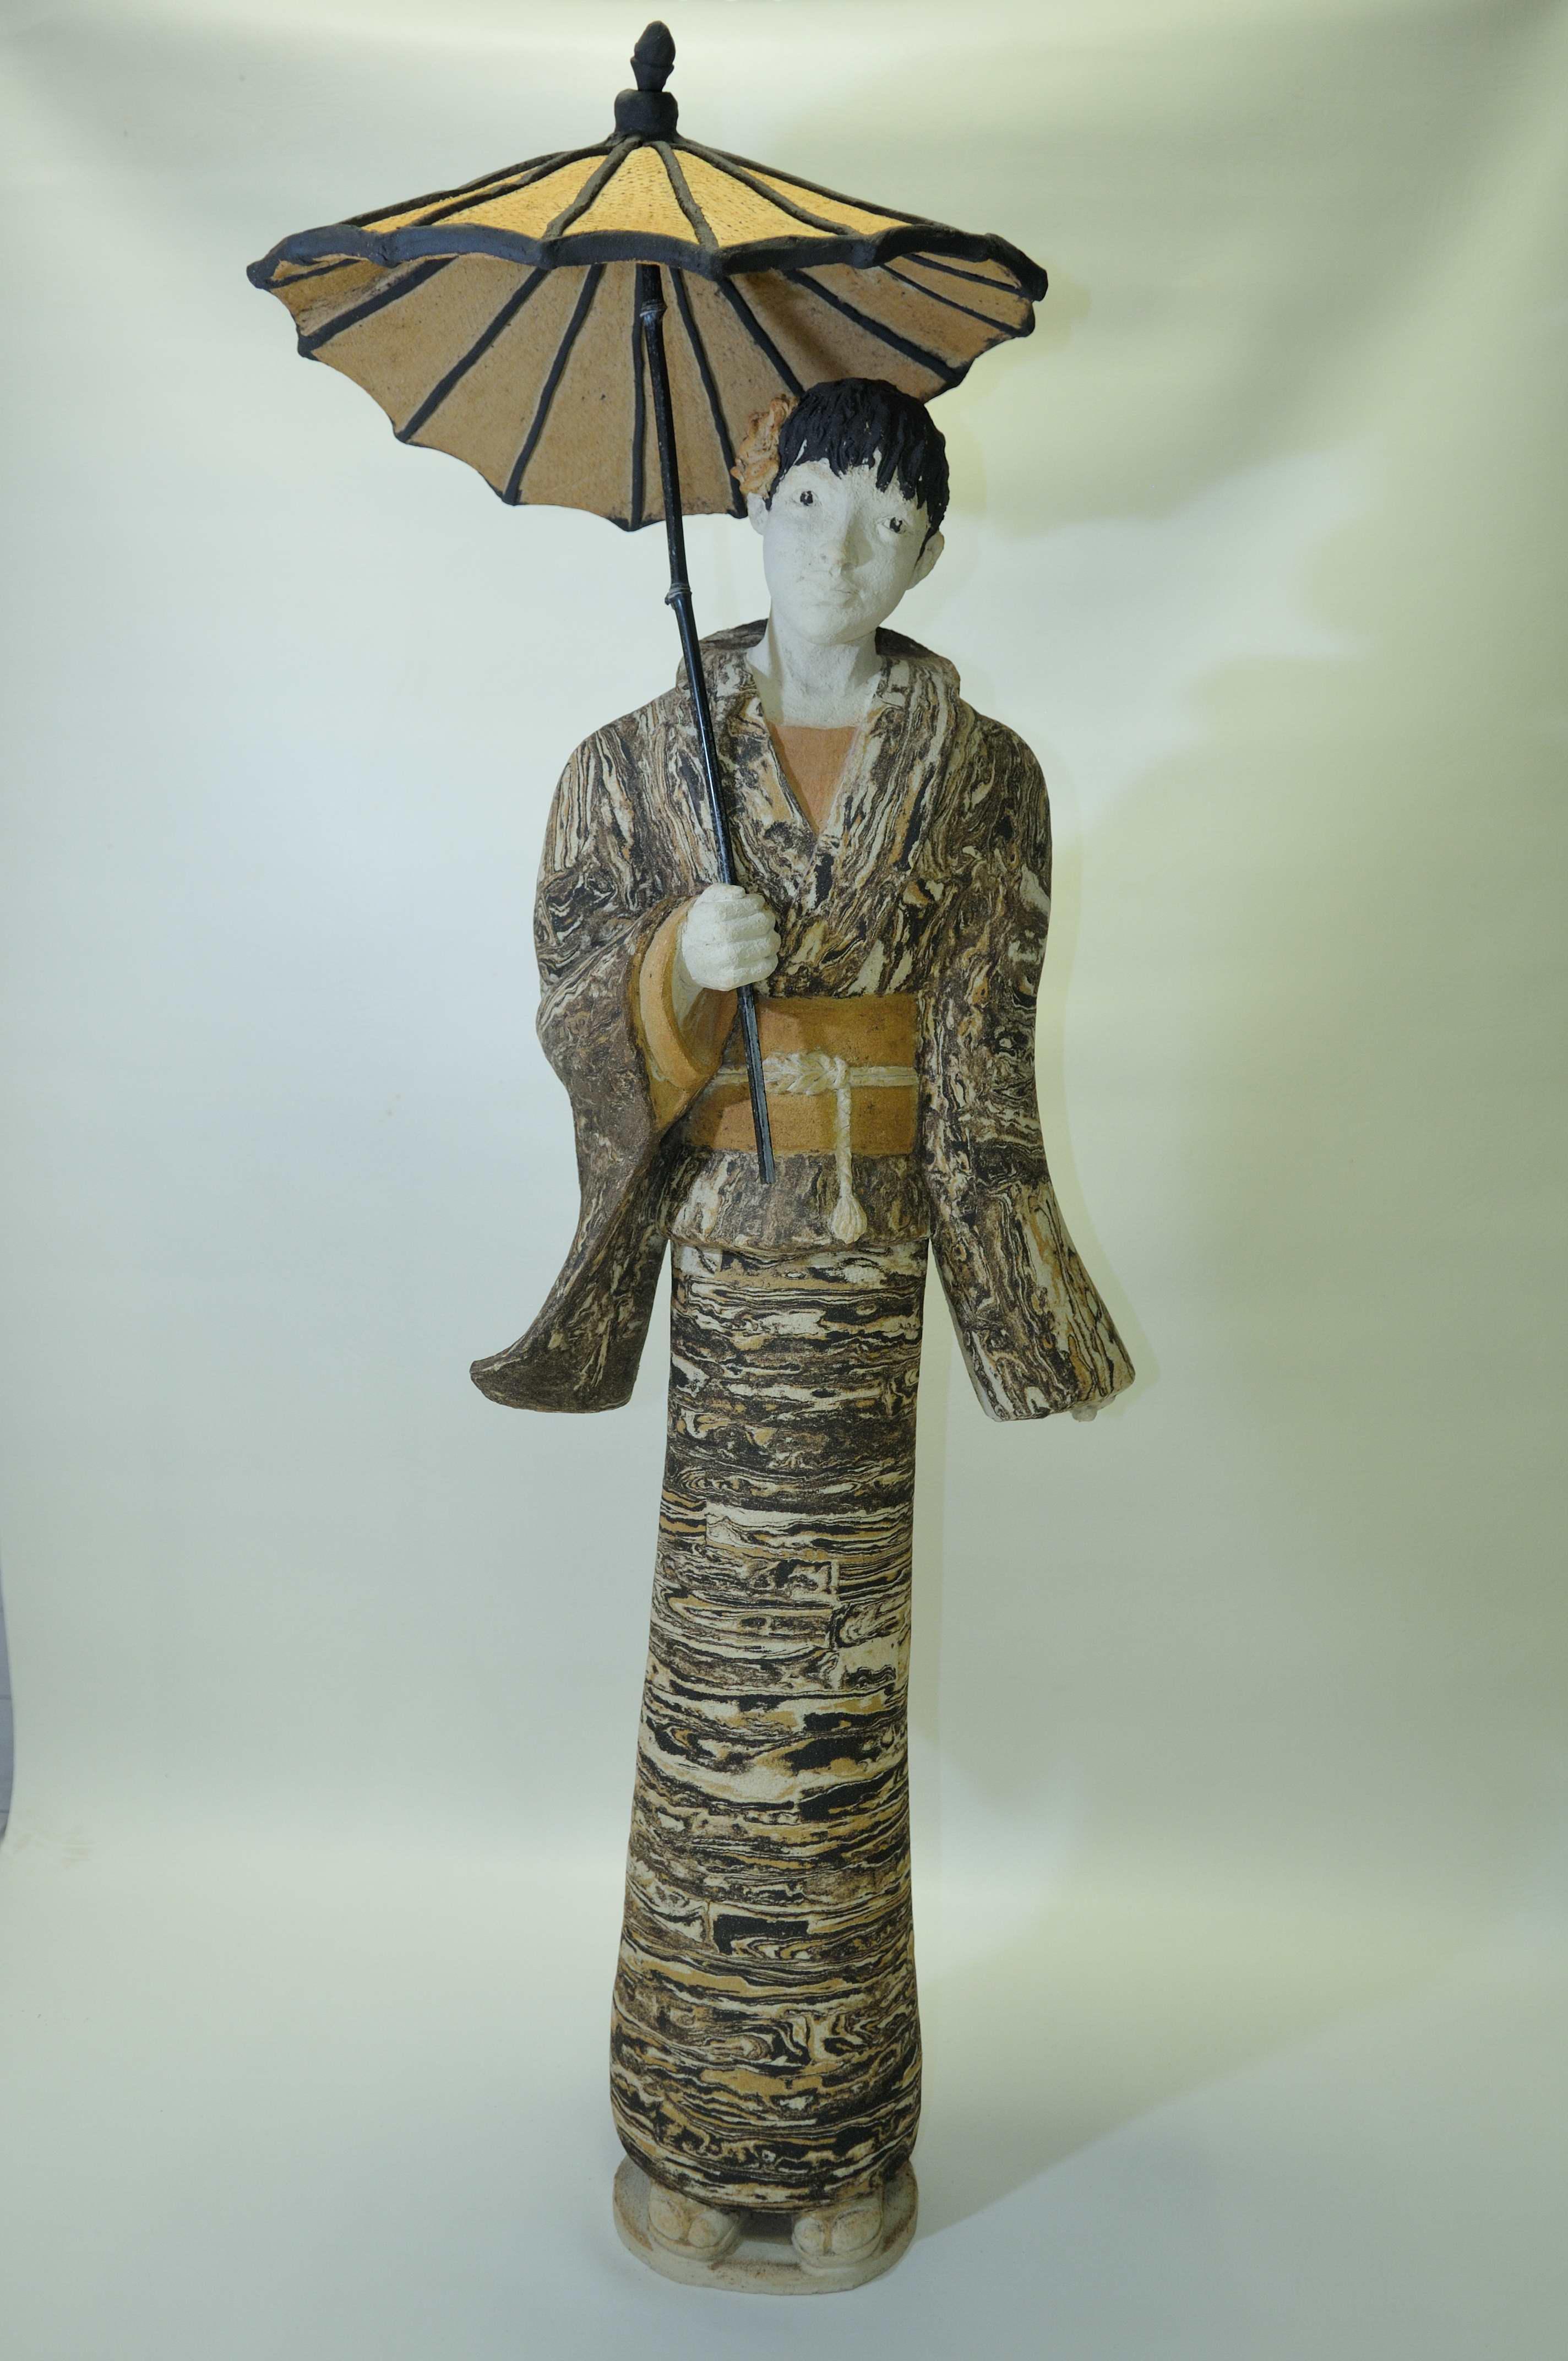 sculpture terres mélées sculpture taille humaine asiatique ombrelle